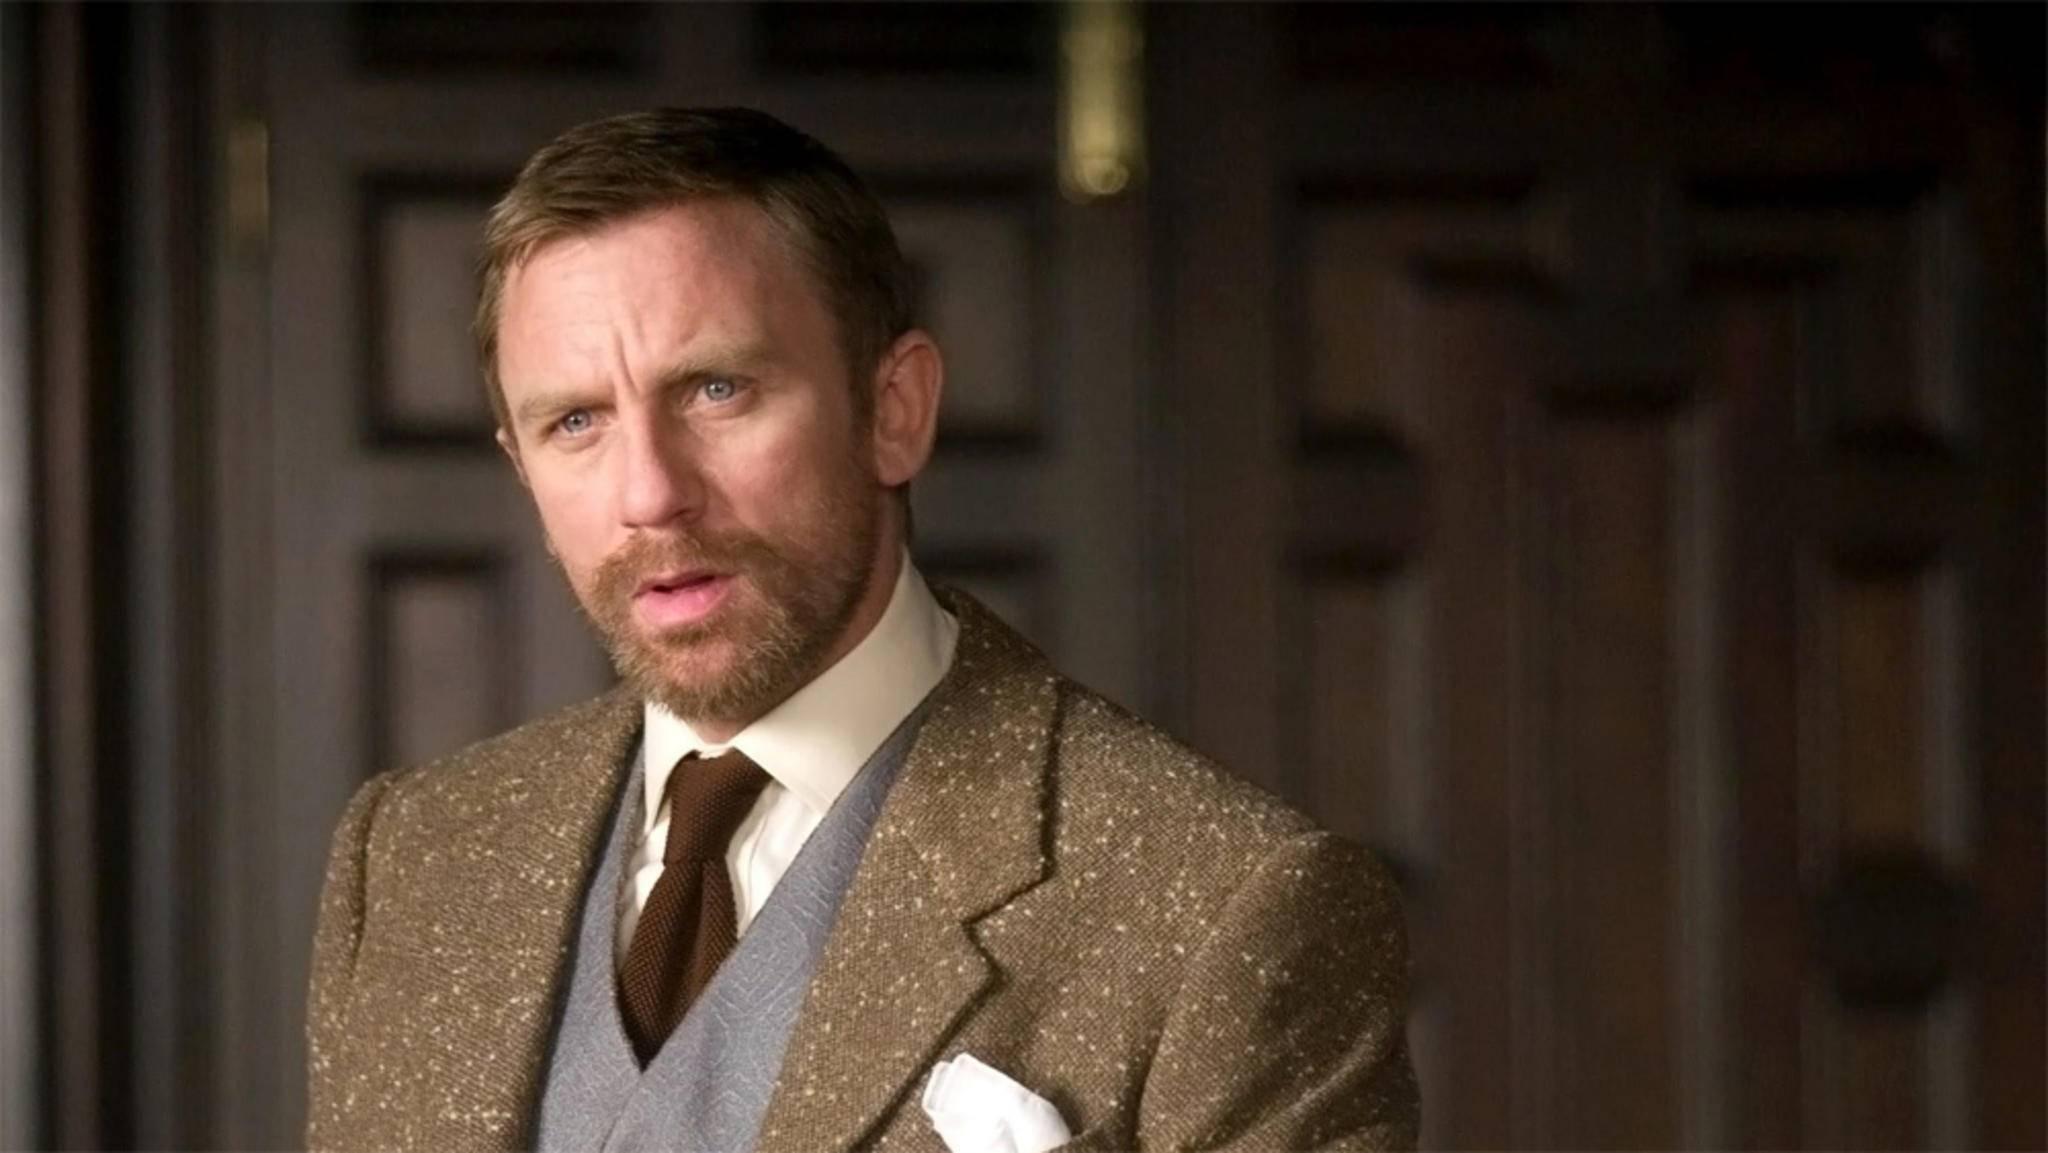 Immer noch auf der Seite des Gesetzes: James-Bond-Darsteller Daniel Craig wird zu einem Detective.